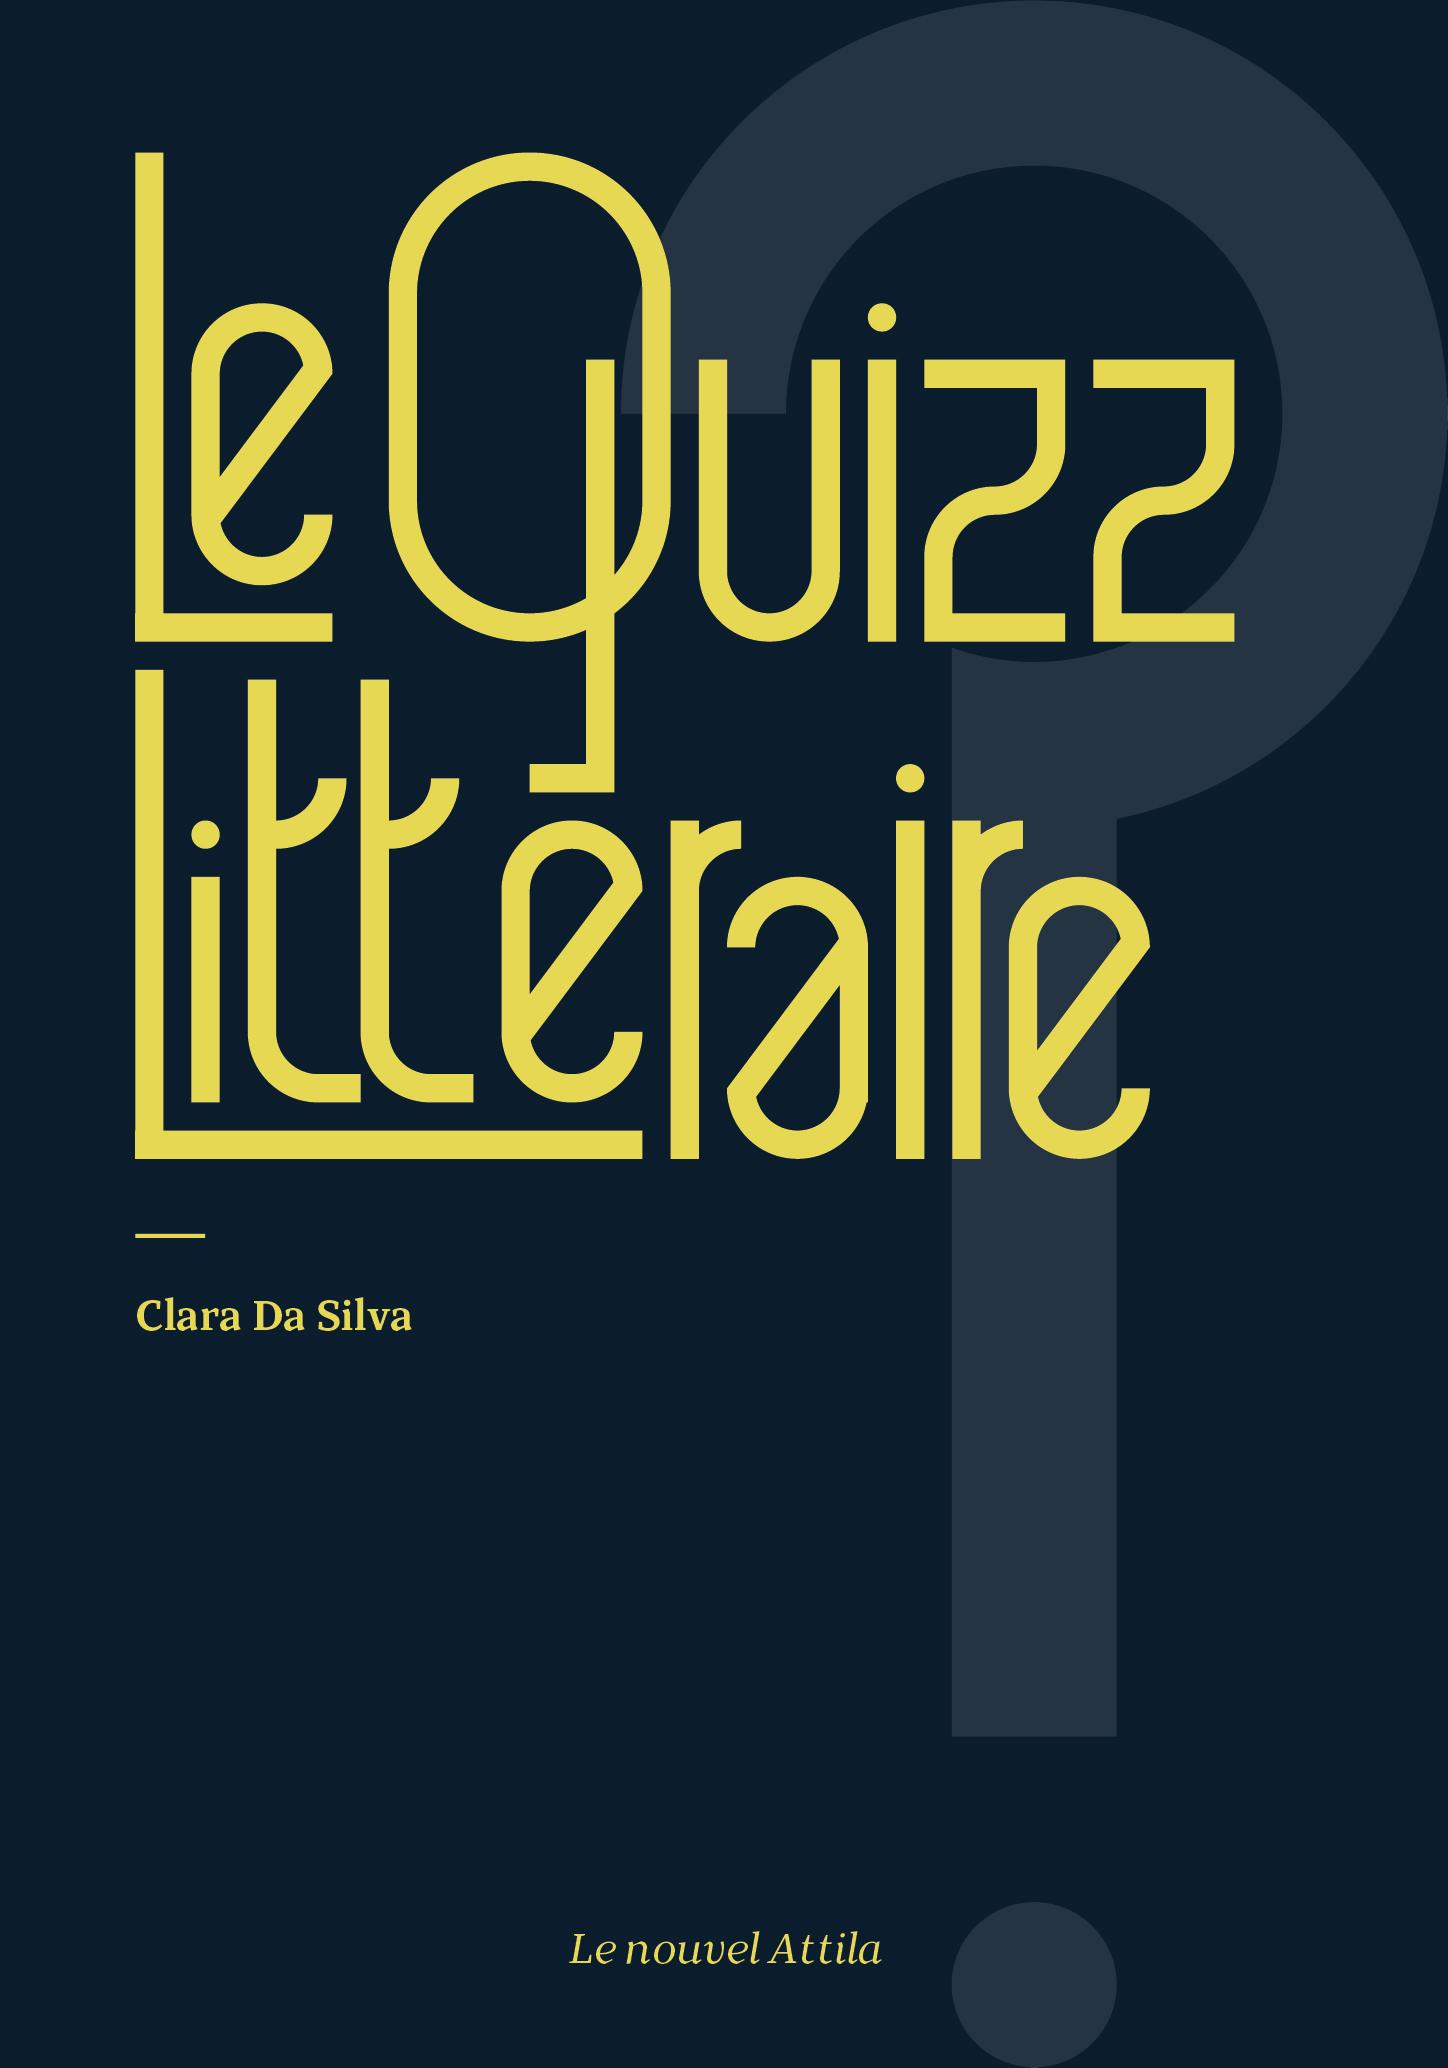 Le Quizz Littéraire :: Book cover